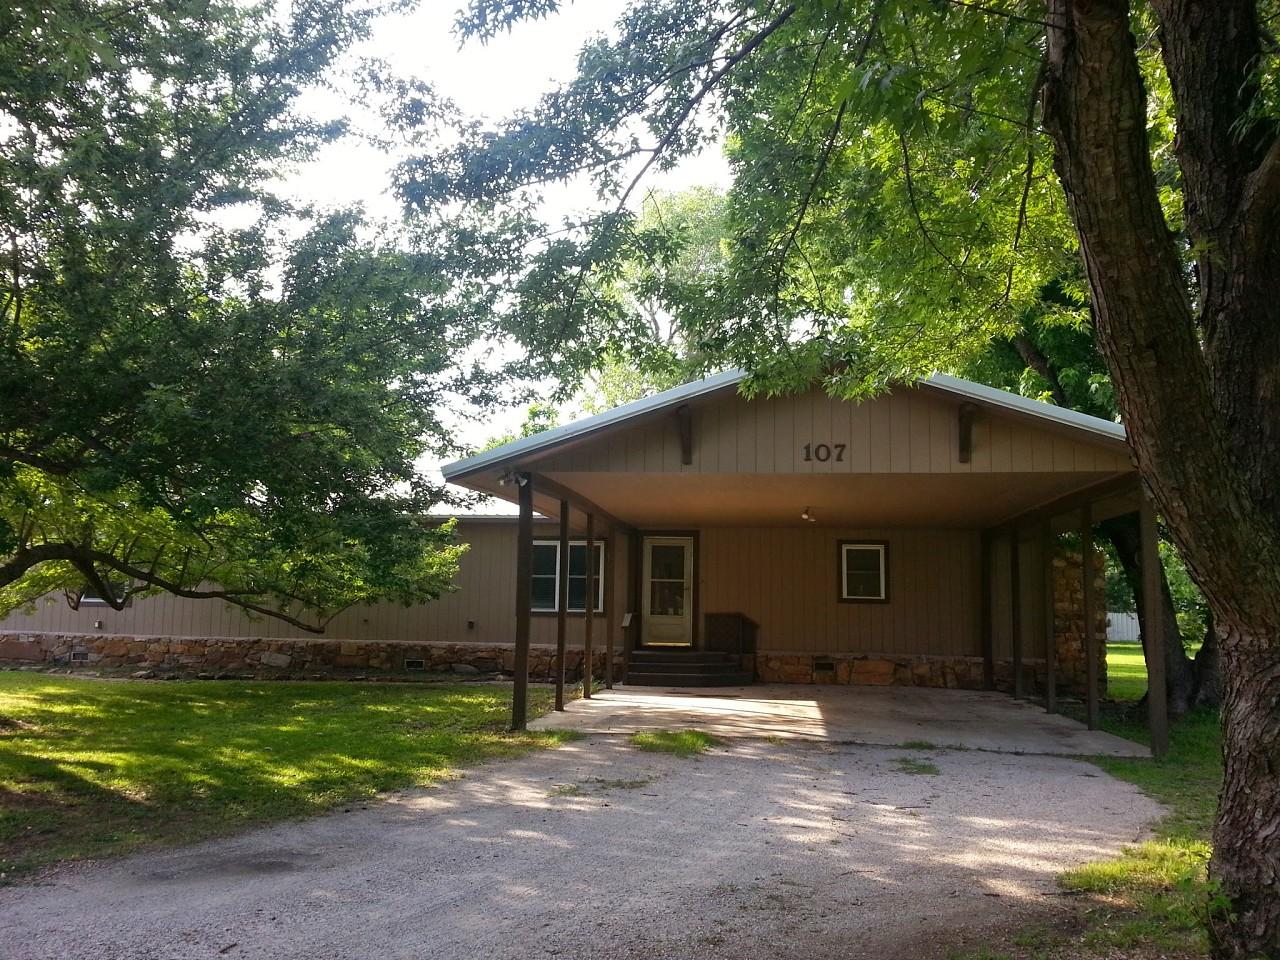 Single Family Home for Sale, ListingId:28885039, location: 107 E Sequoyah Street Talala 74080